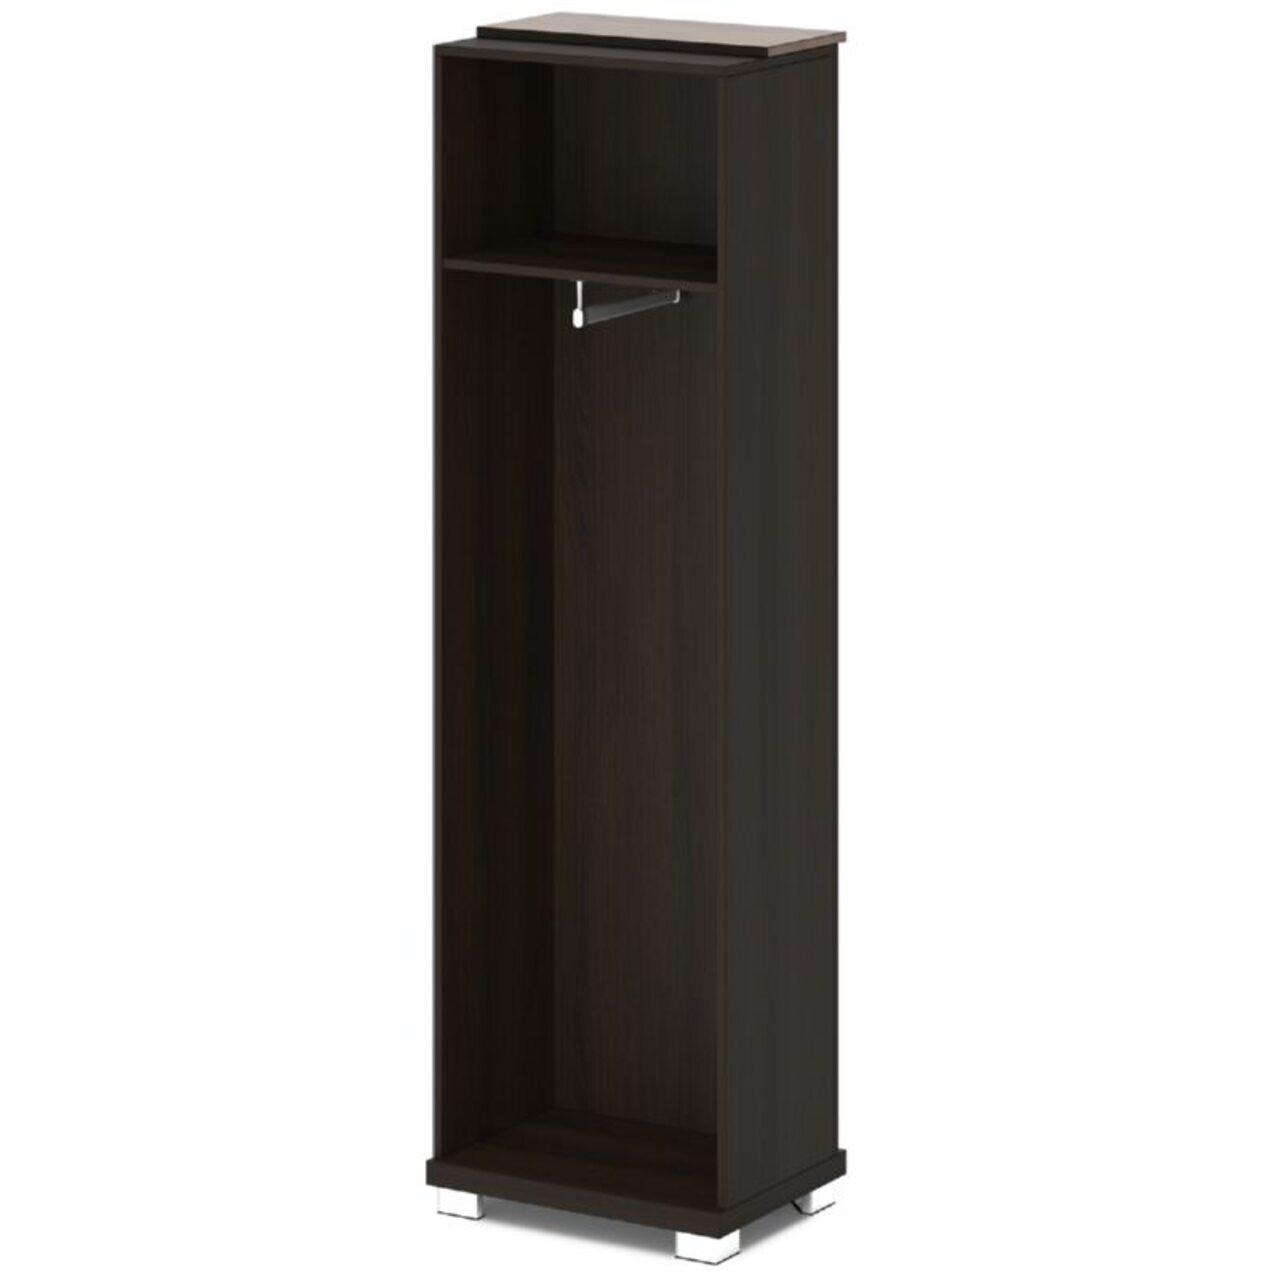 Каркас шкафа для одежды центральный - фото 10